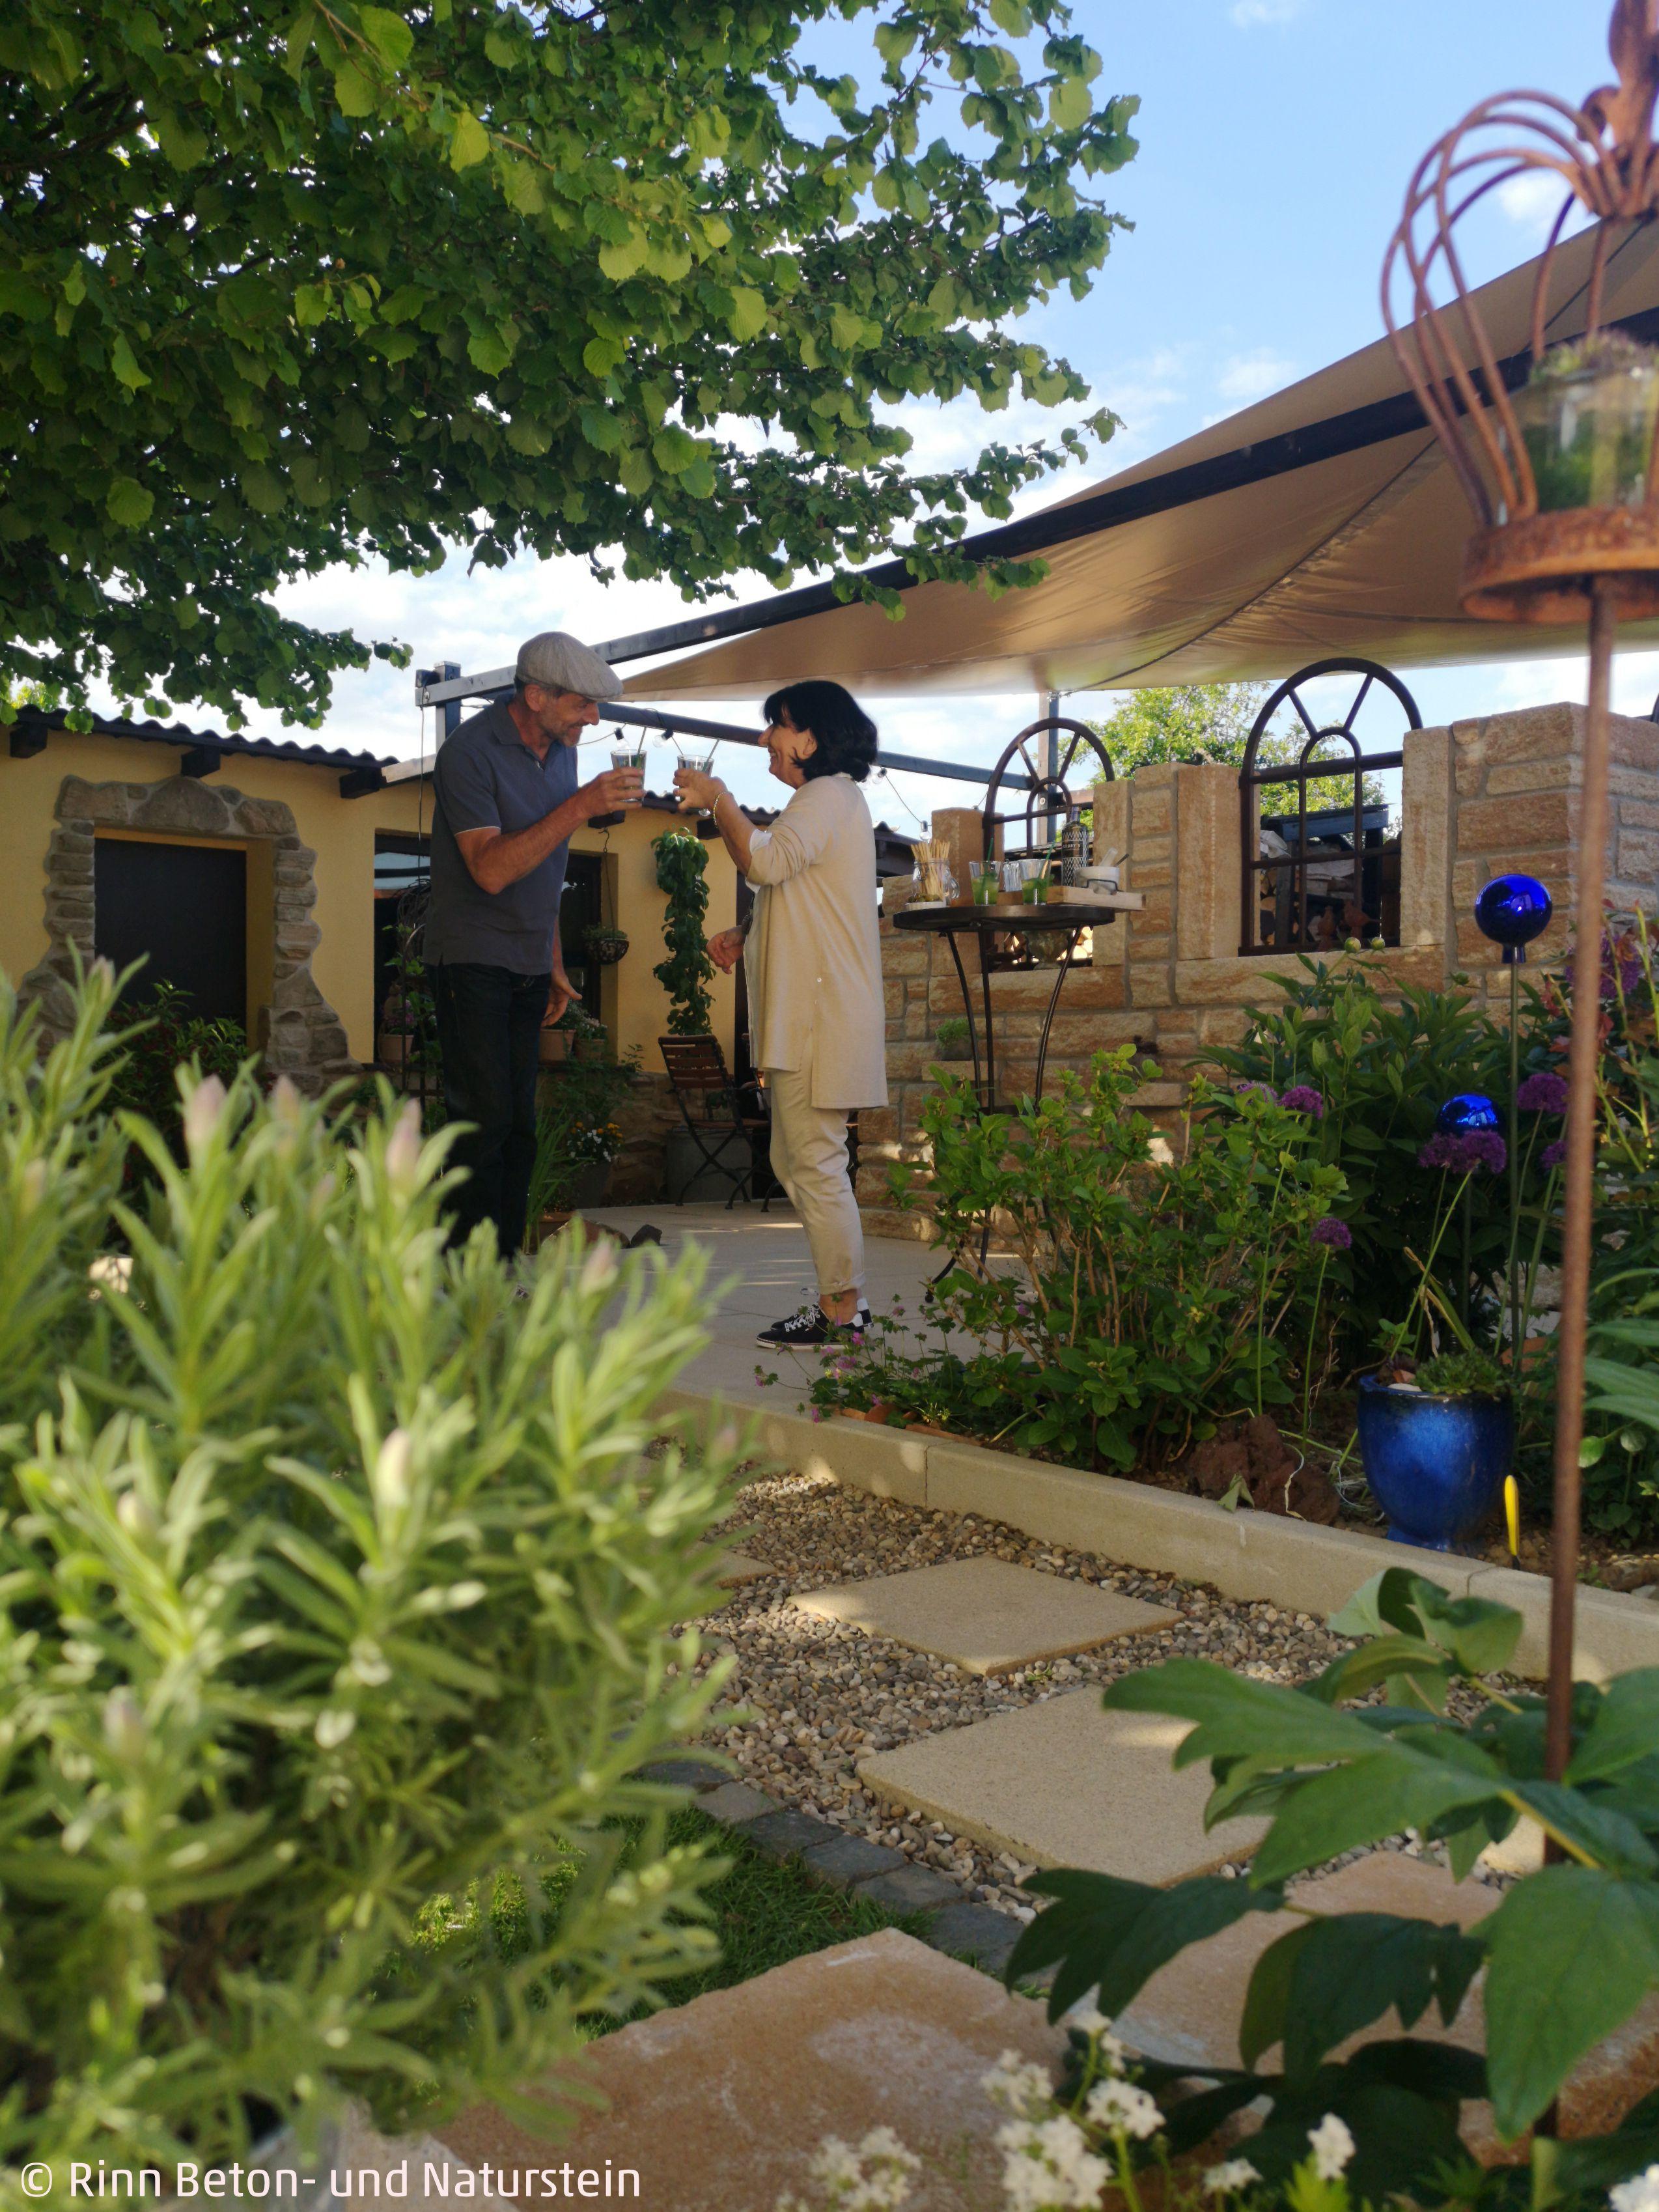 Urlaub Im Toskana Garten In 2020 Garten Toskana Urlaub